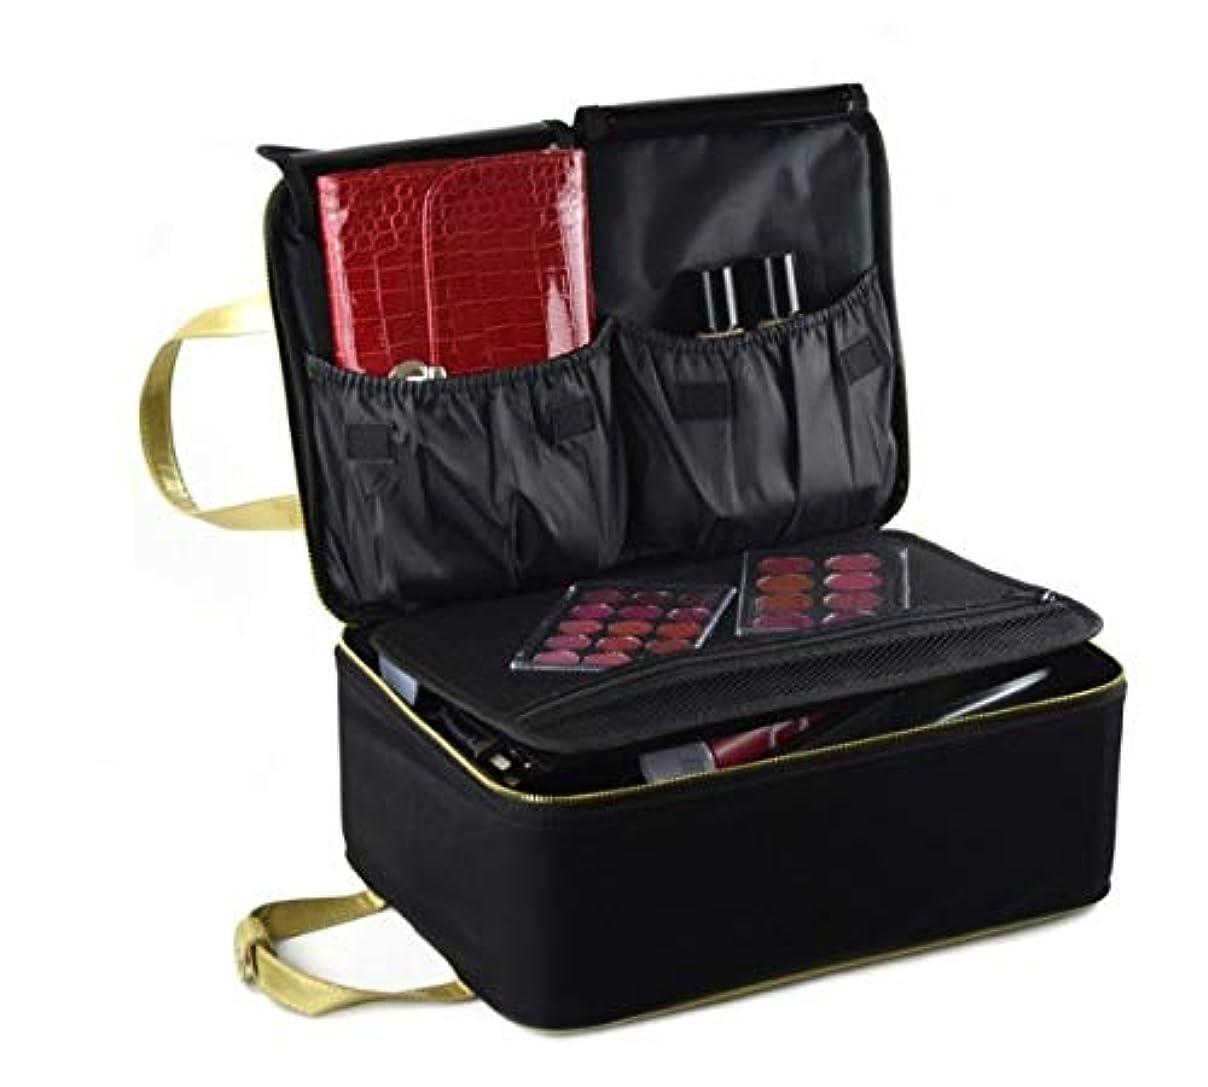 危険な平手打ちシエスタ化粧箱、黒い携帯用化粧品の箱、携帯用旅行化粧品の箱、美の釘の宝石類の収納箱 (Size : S)